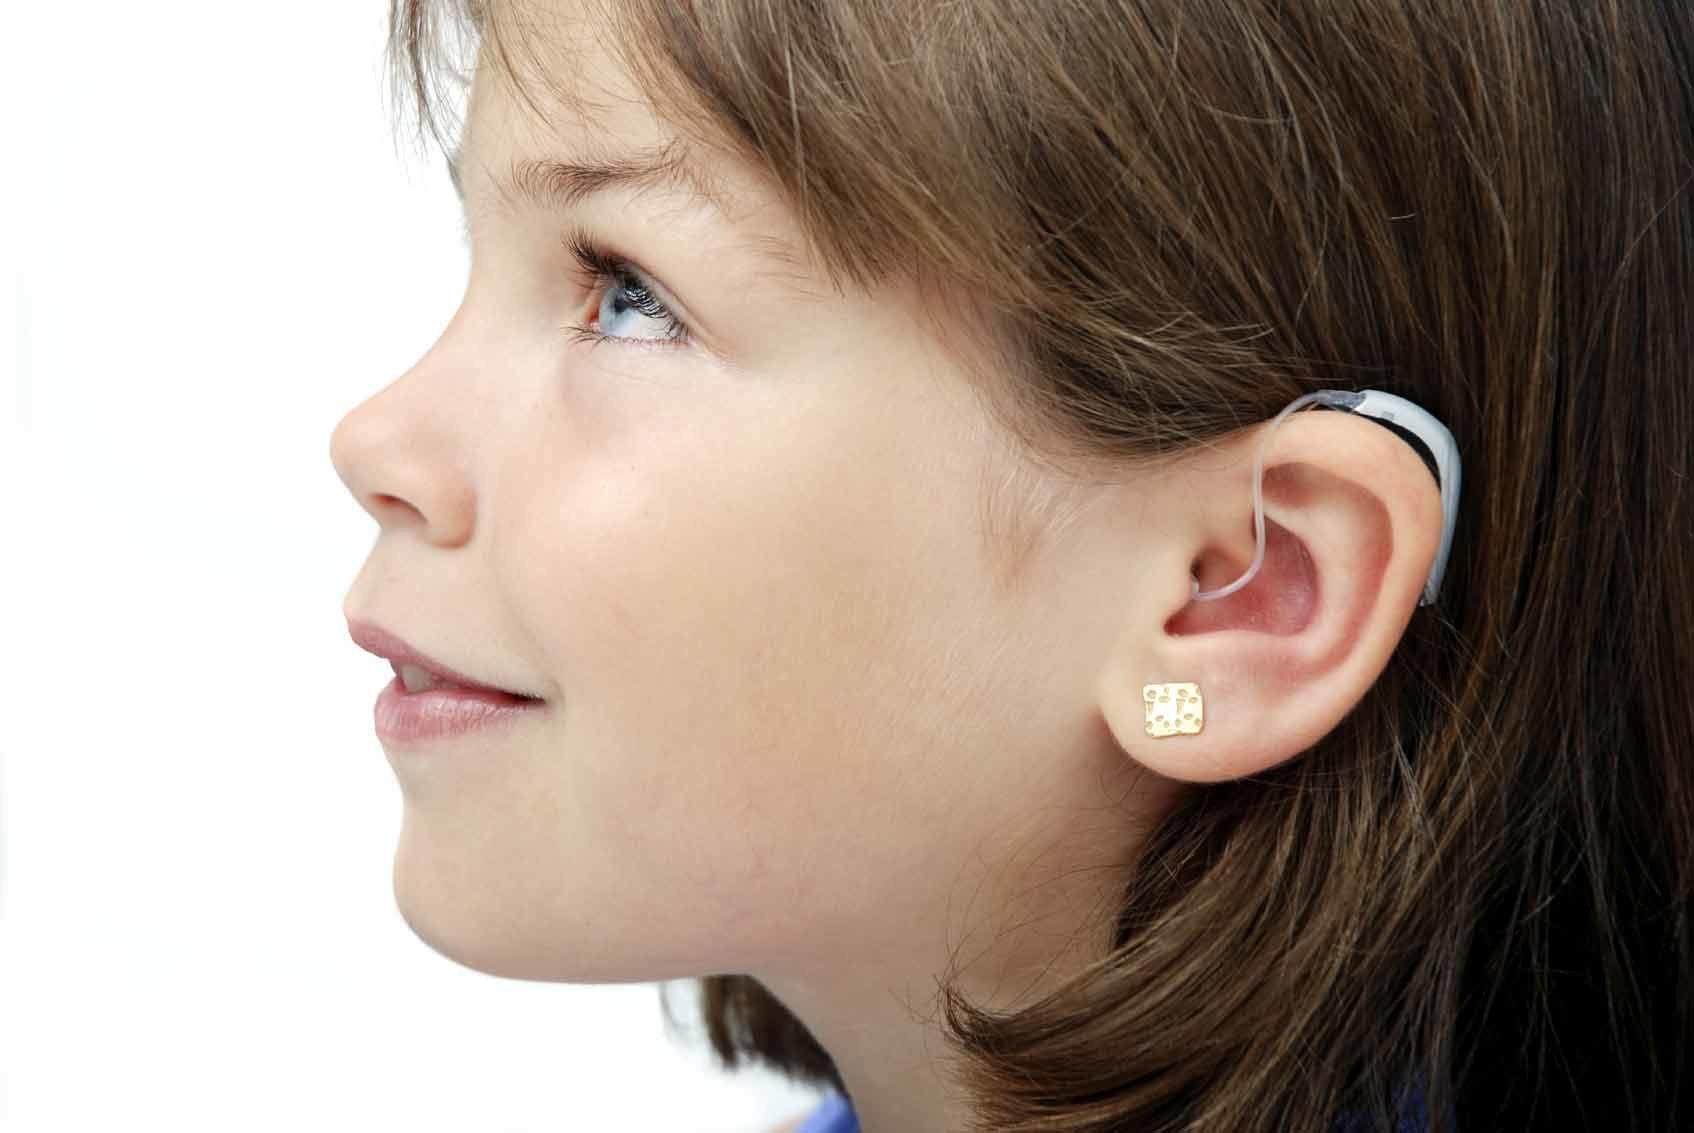 Как приучить ребенка к ношению слухового аппарата